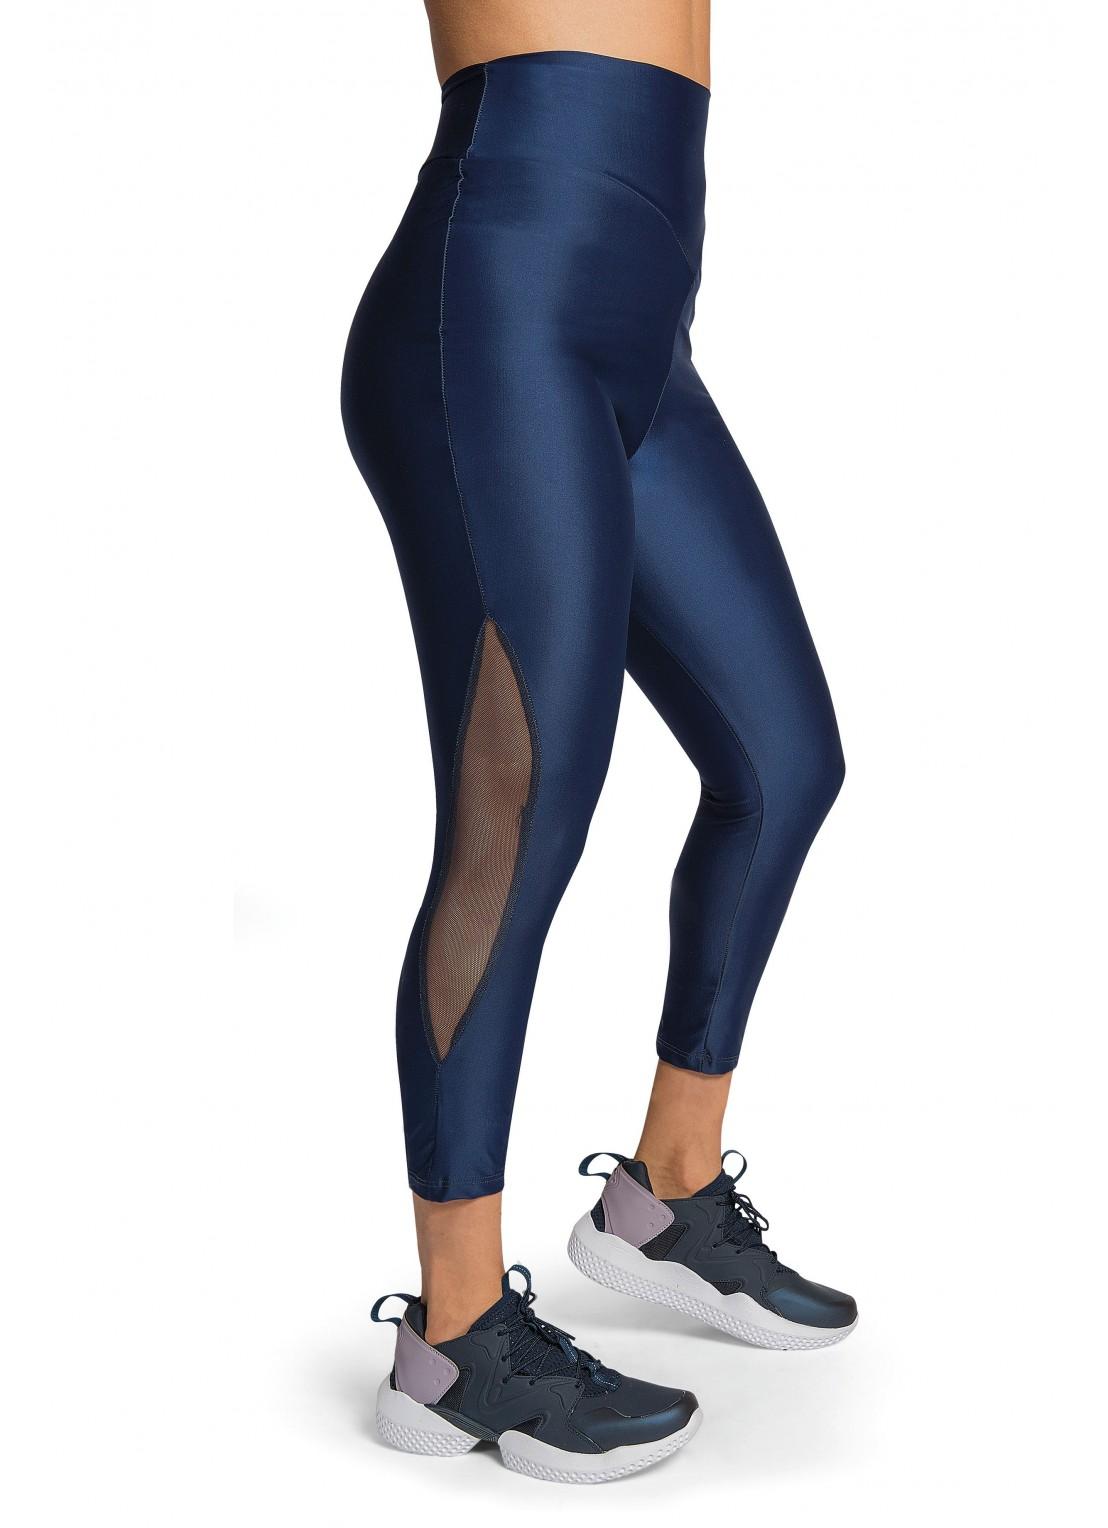 Legging coordinado deportivo